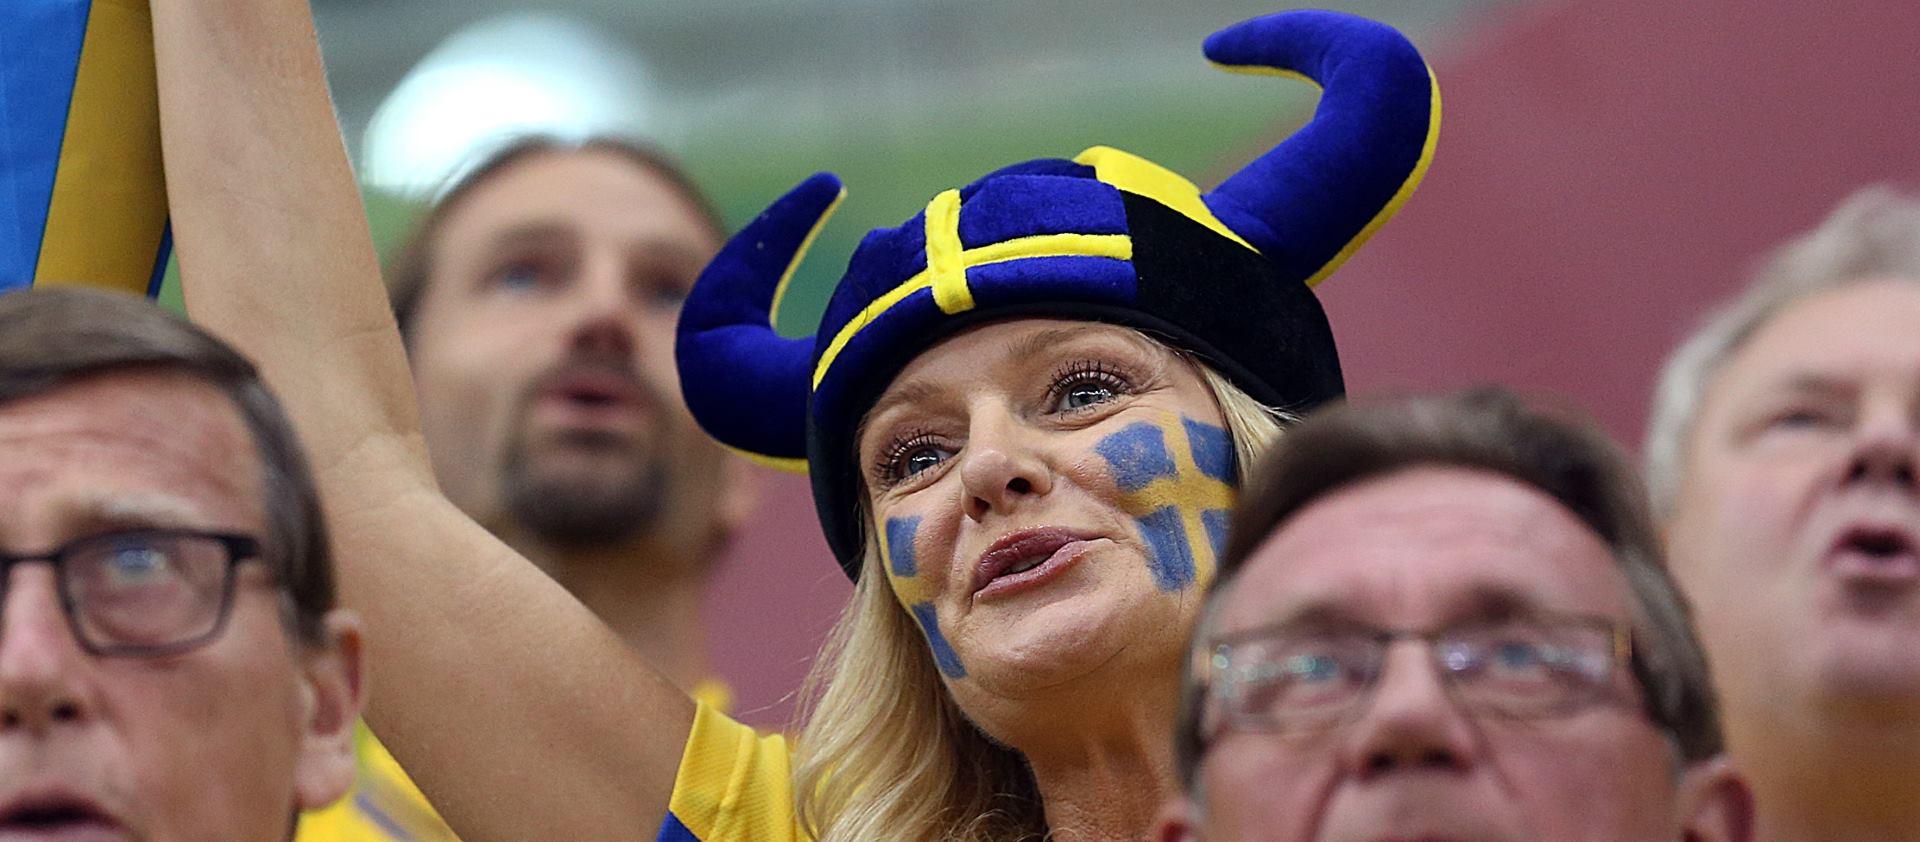 VIDEO: Man-free glazbeni festival u Švedskoj